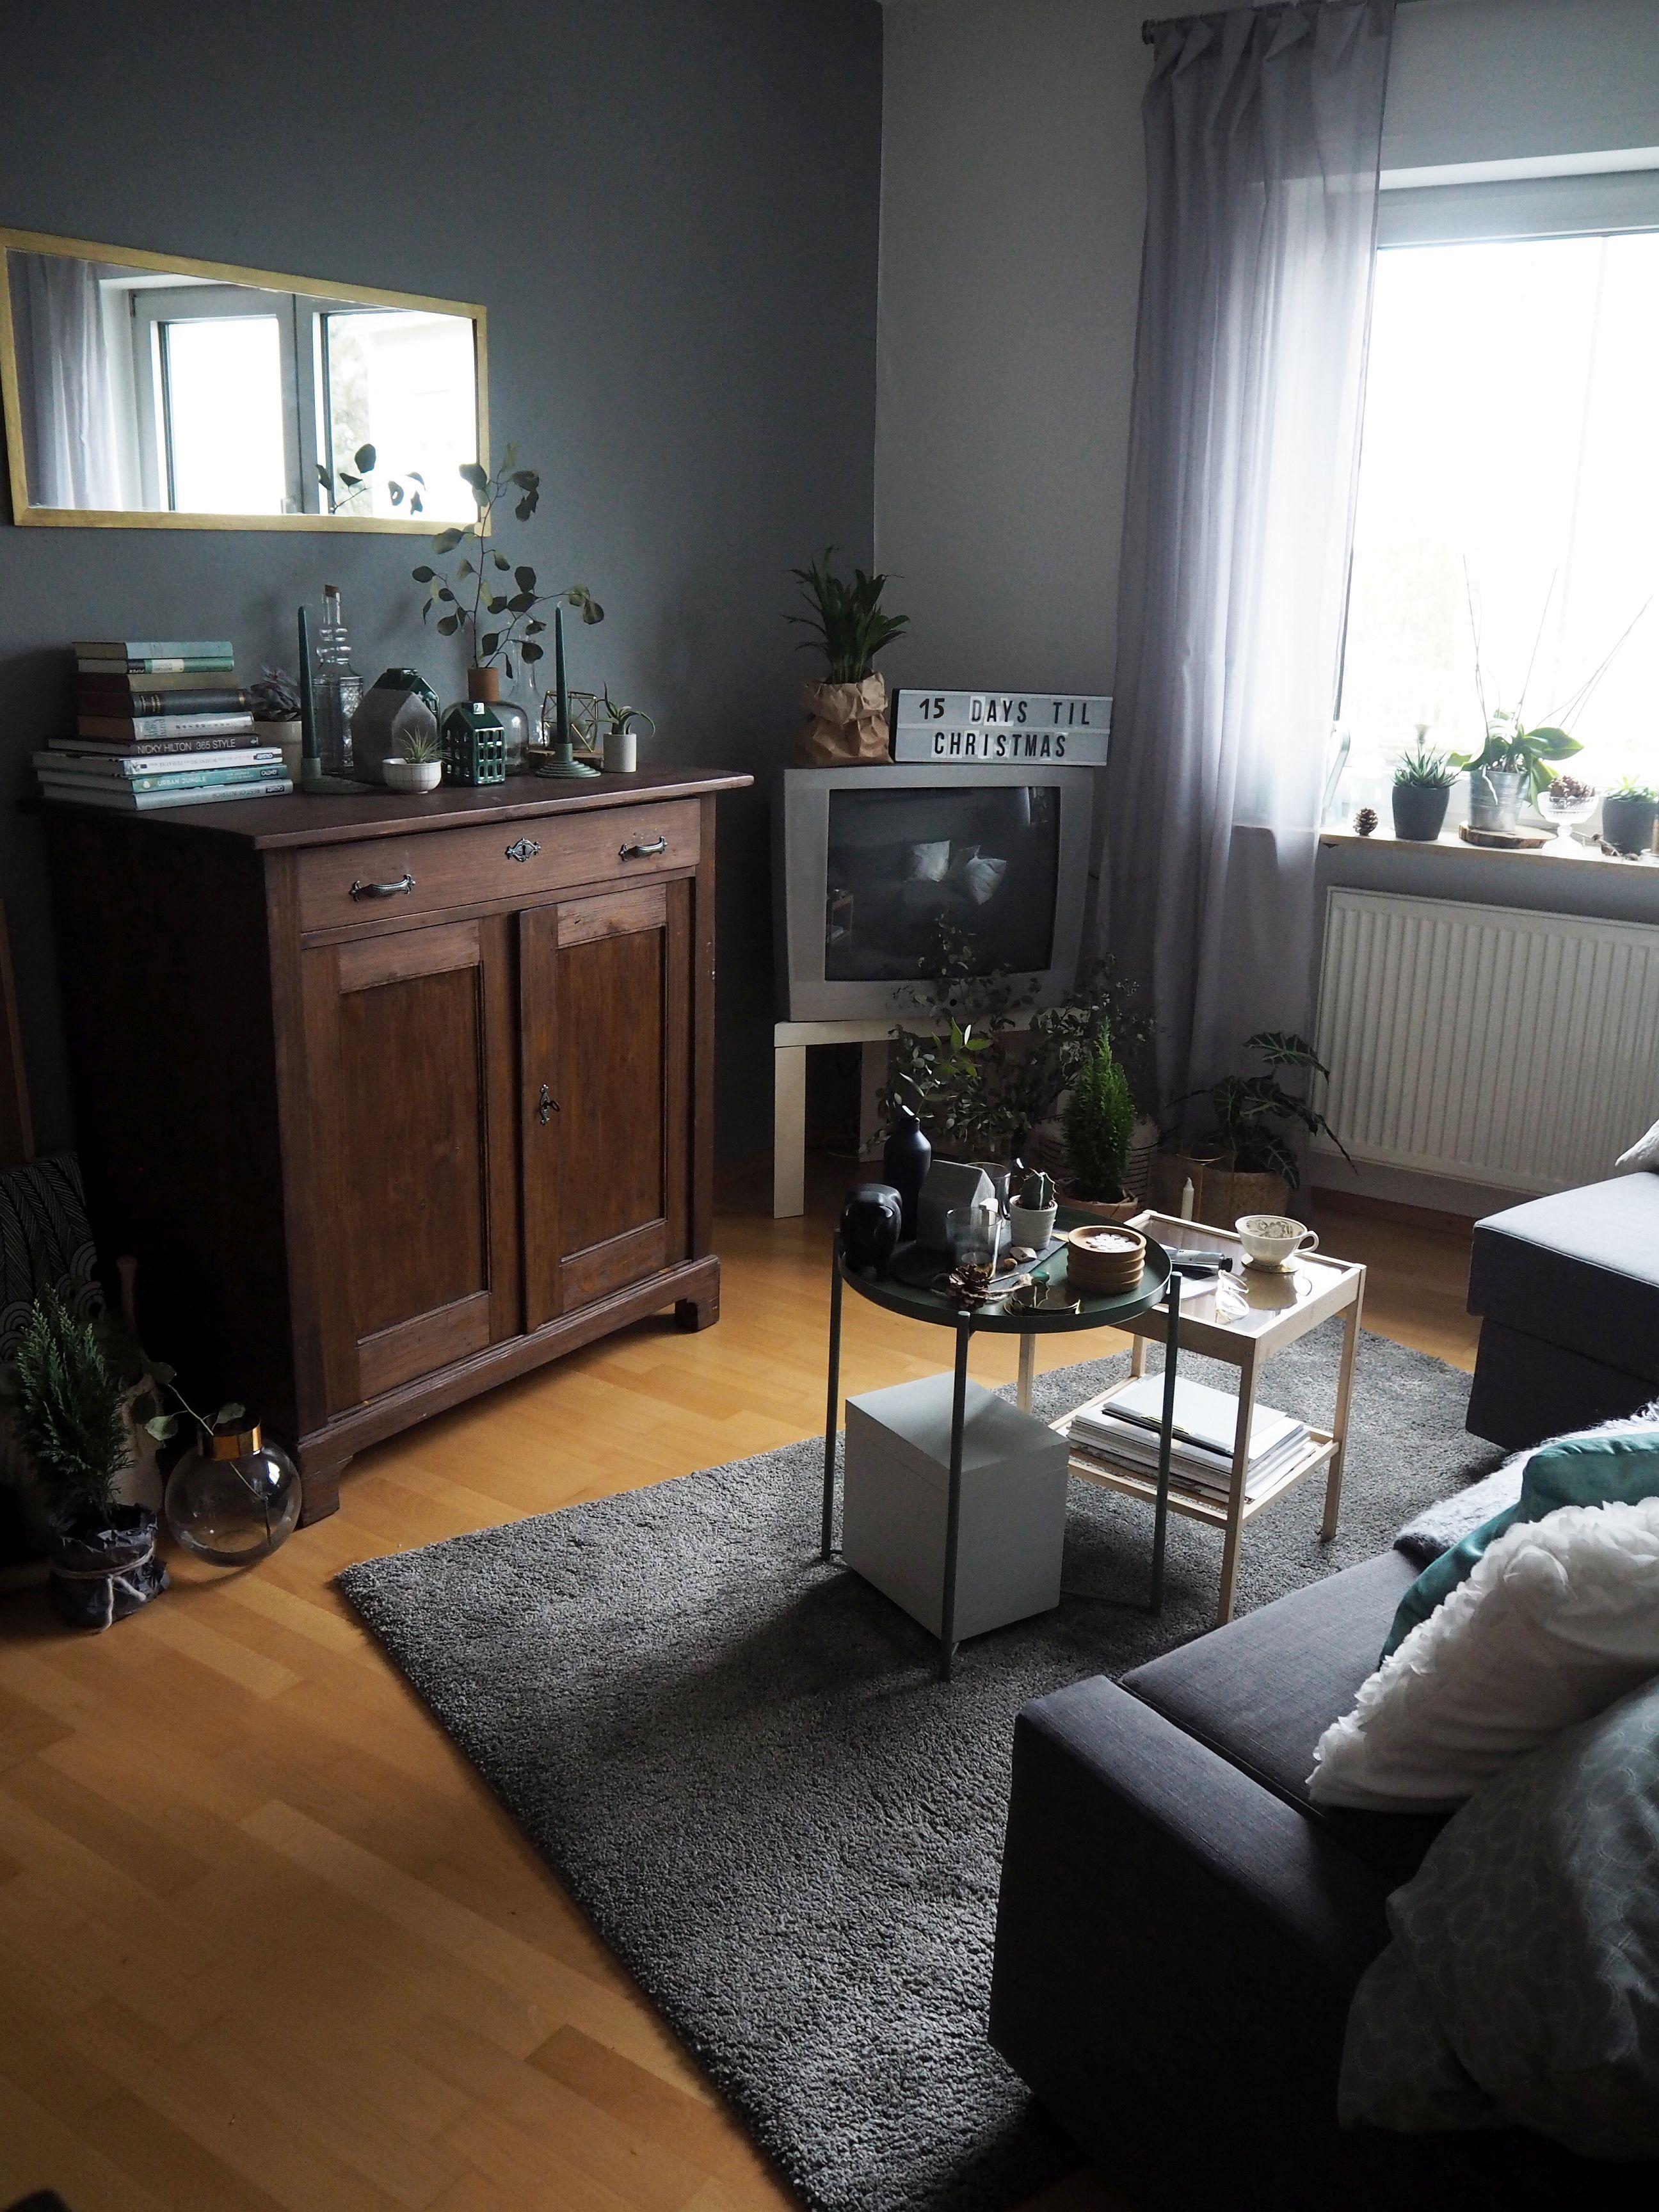 2017-12-skoen-och-kreativ-interior-wohnzimmer-update-weihnachtsstimmung-in-gruen (3)